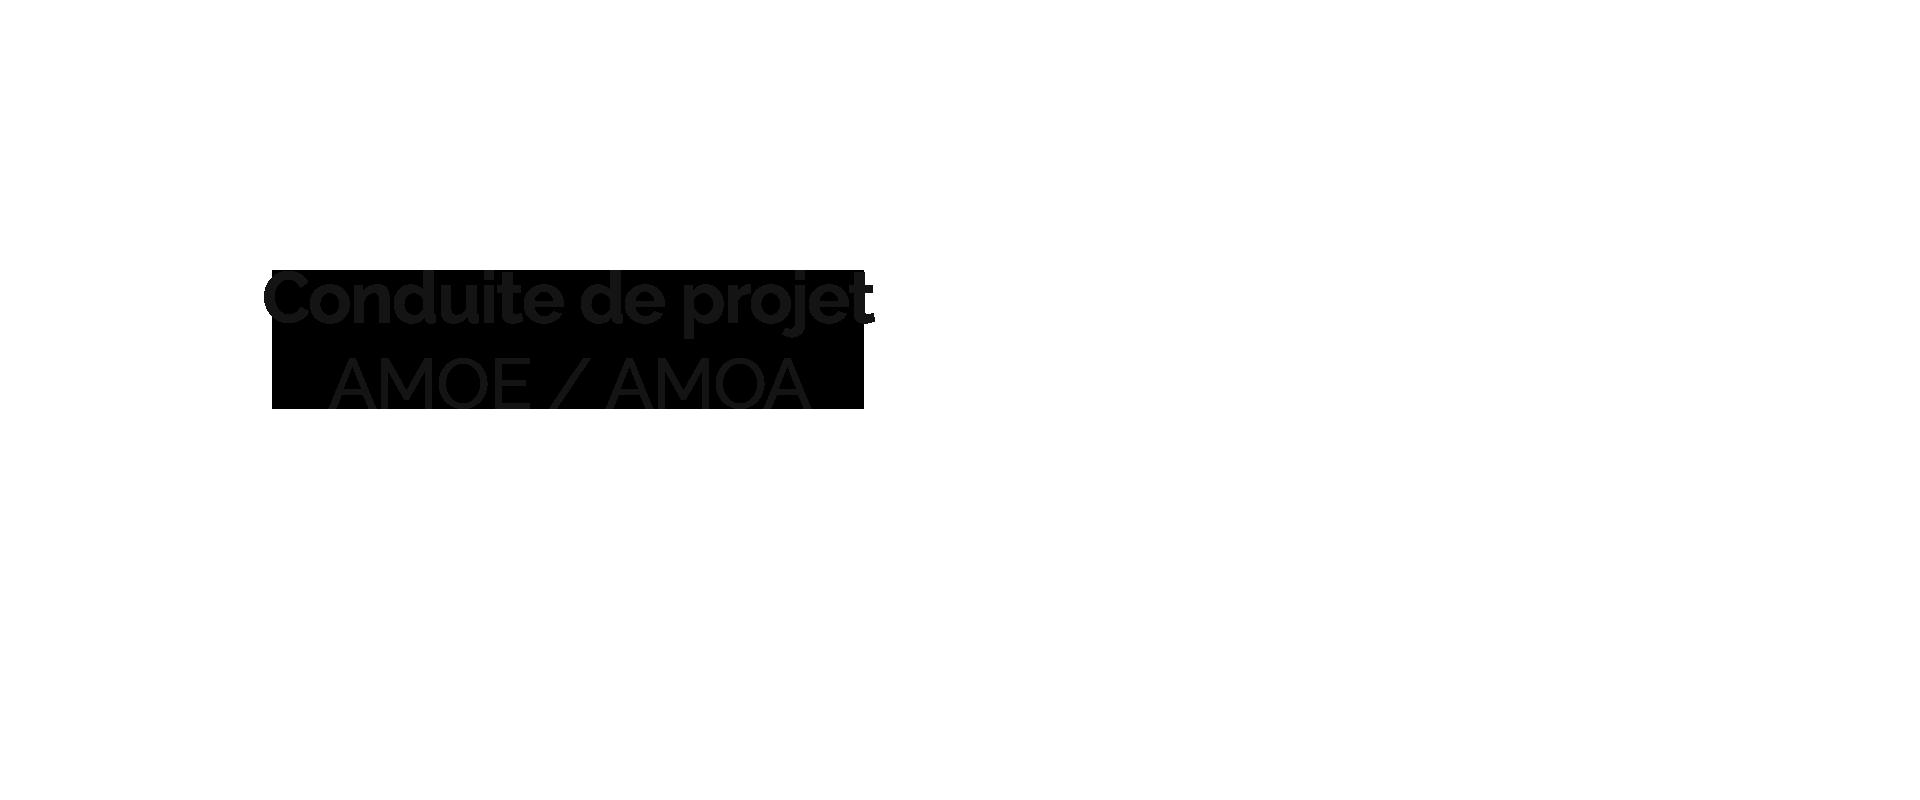 Progys - conduite de projet AMOE / AMOA